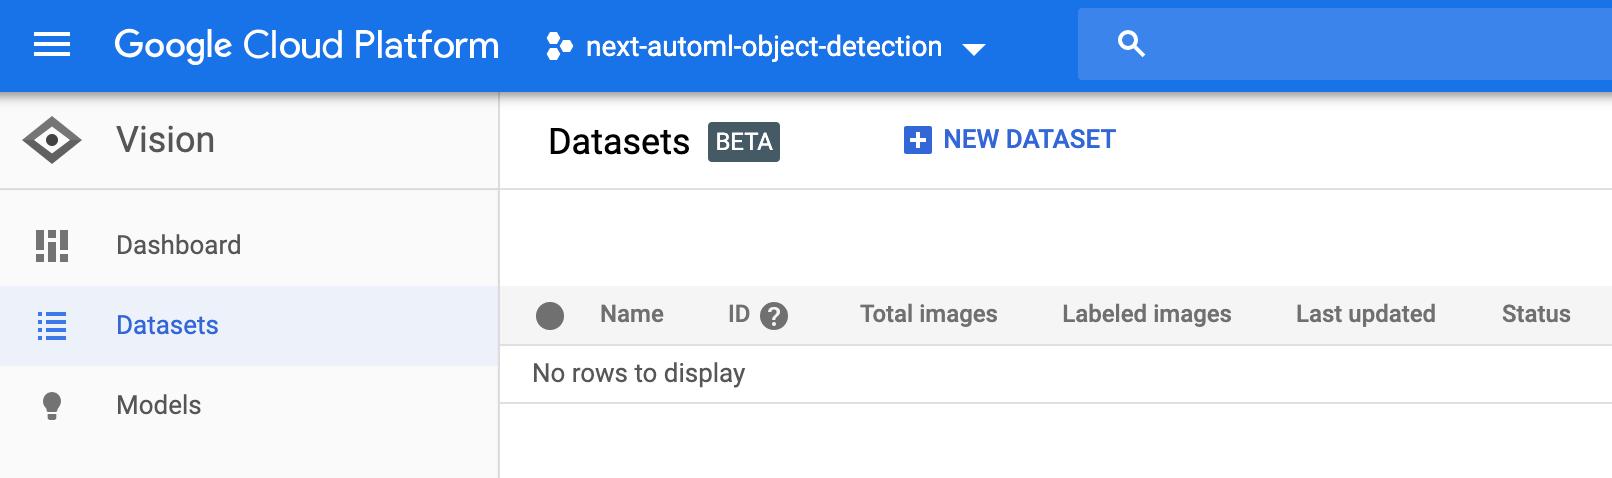 [新しいデータセットを作成] を選択する